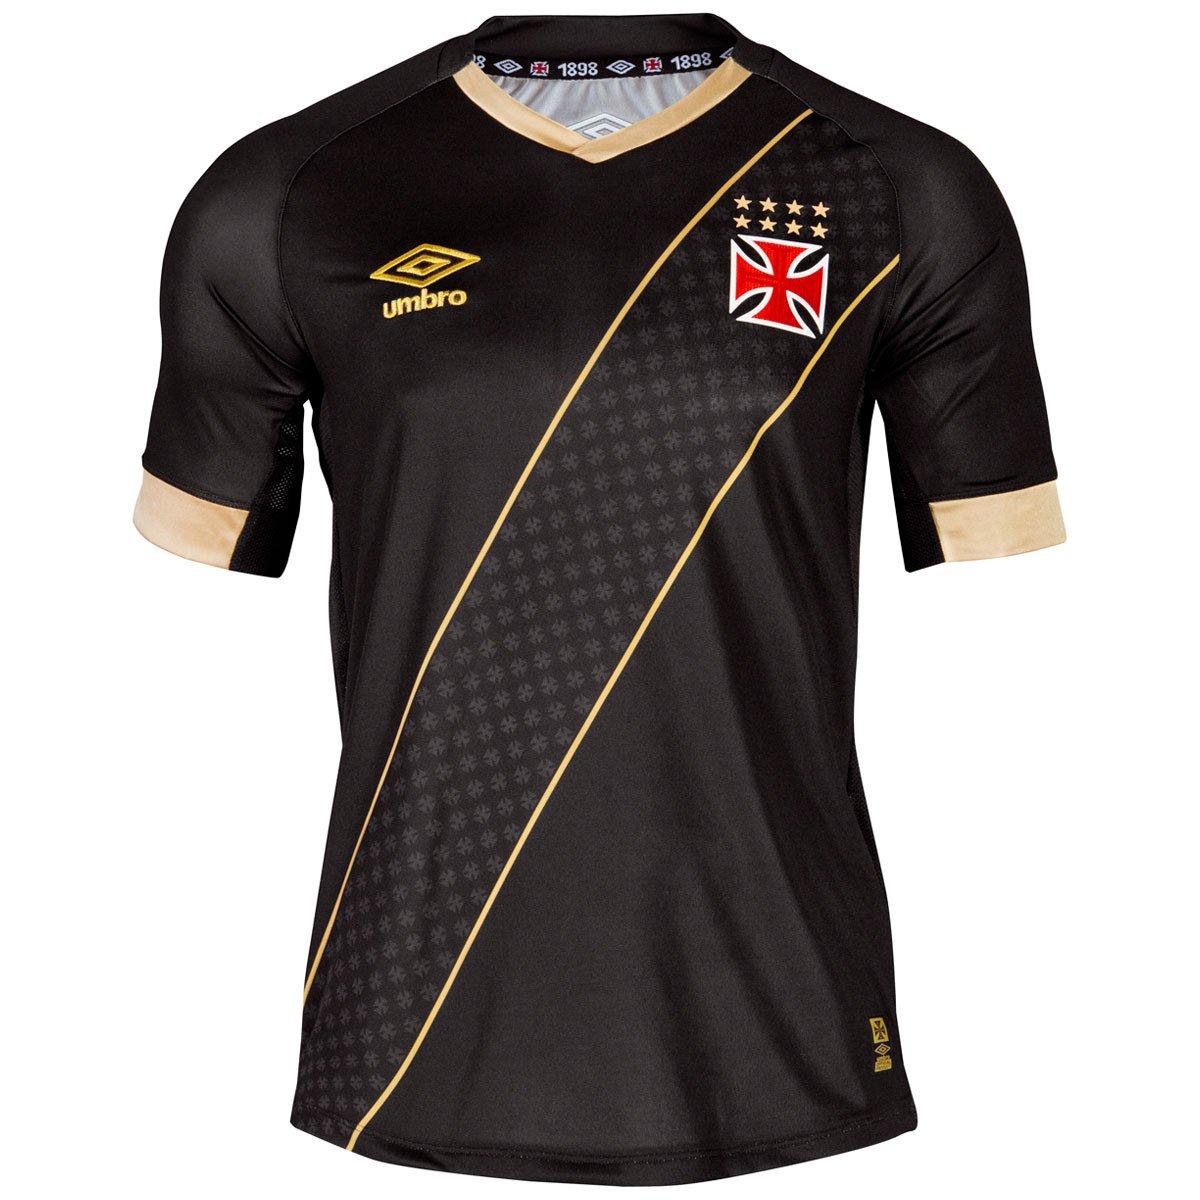 Camisa Feminina Umbro Vasco III 2015 s nº - Compre Agora  e65e3305167d8